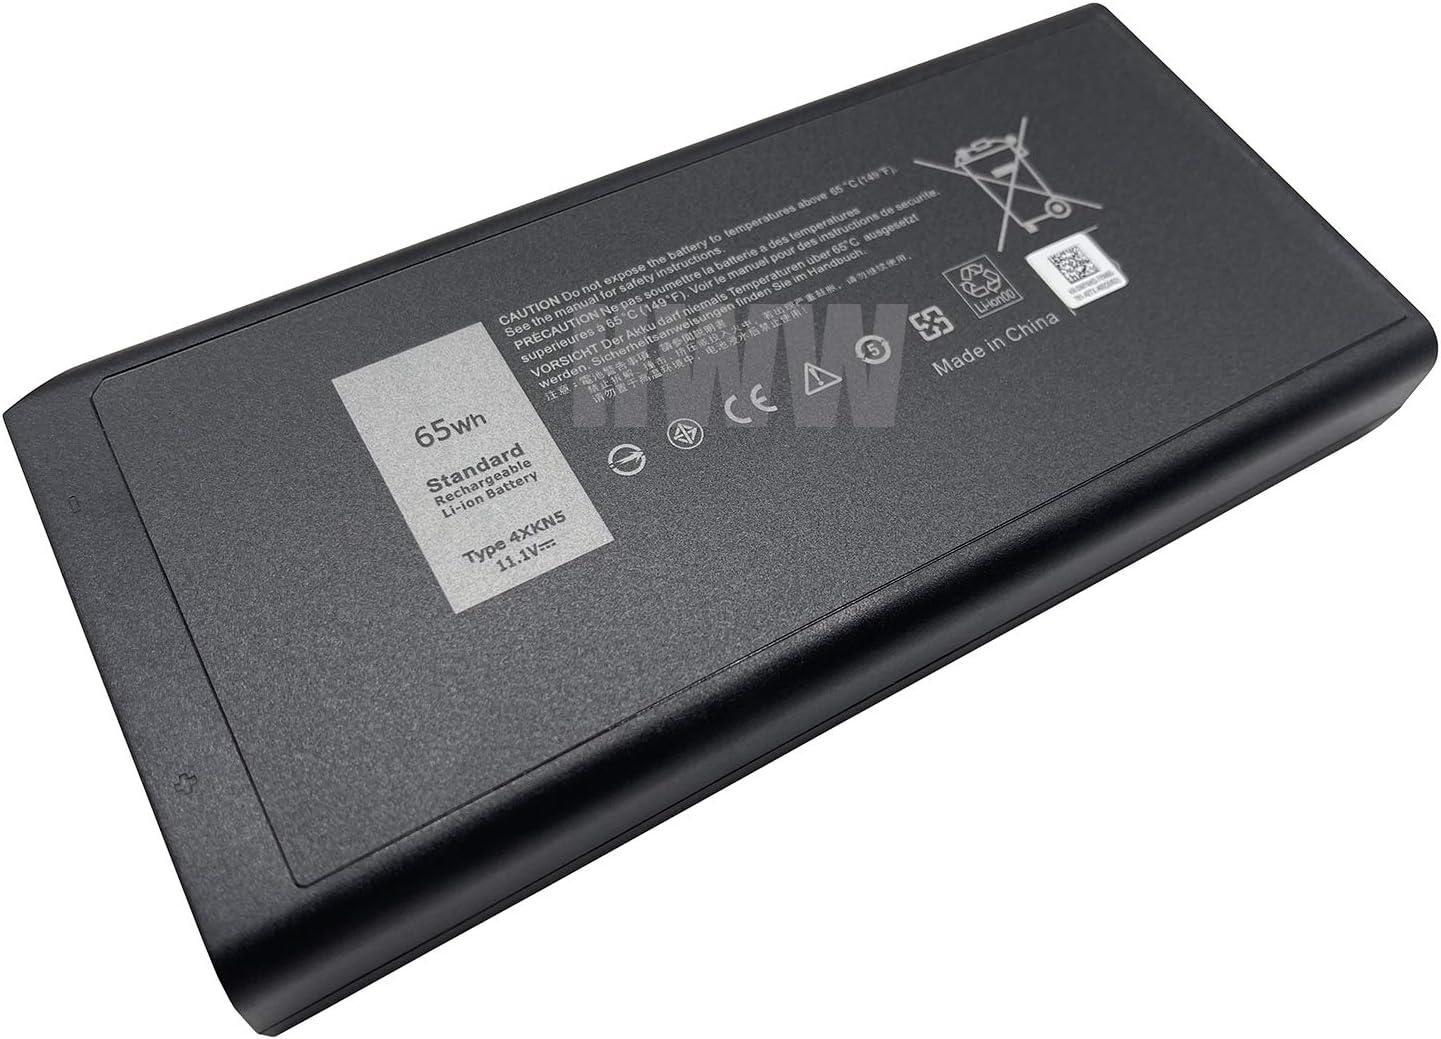 New 11.1V 65Wh 4XKN5 CJ2K1 Battery Compatible with Dell Latitude E5404 E7404 X8VWF Series